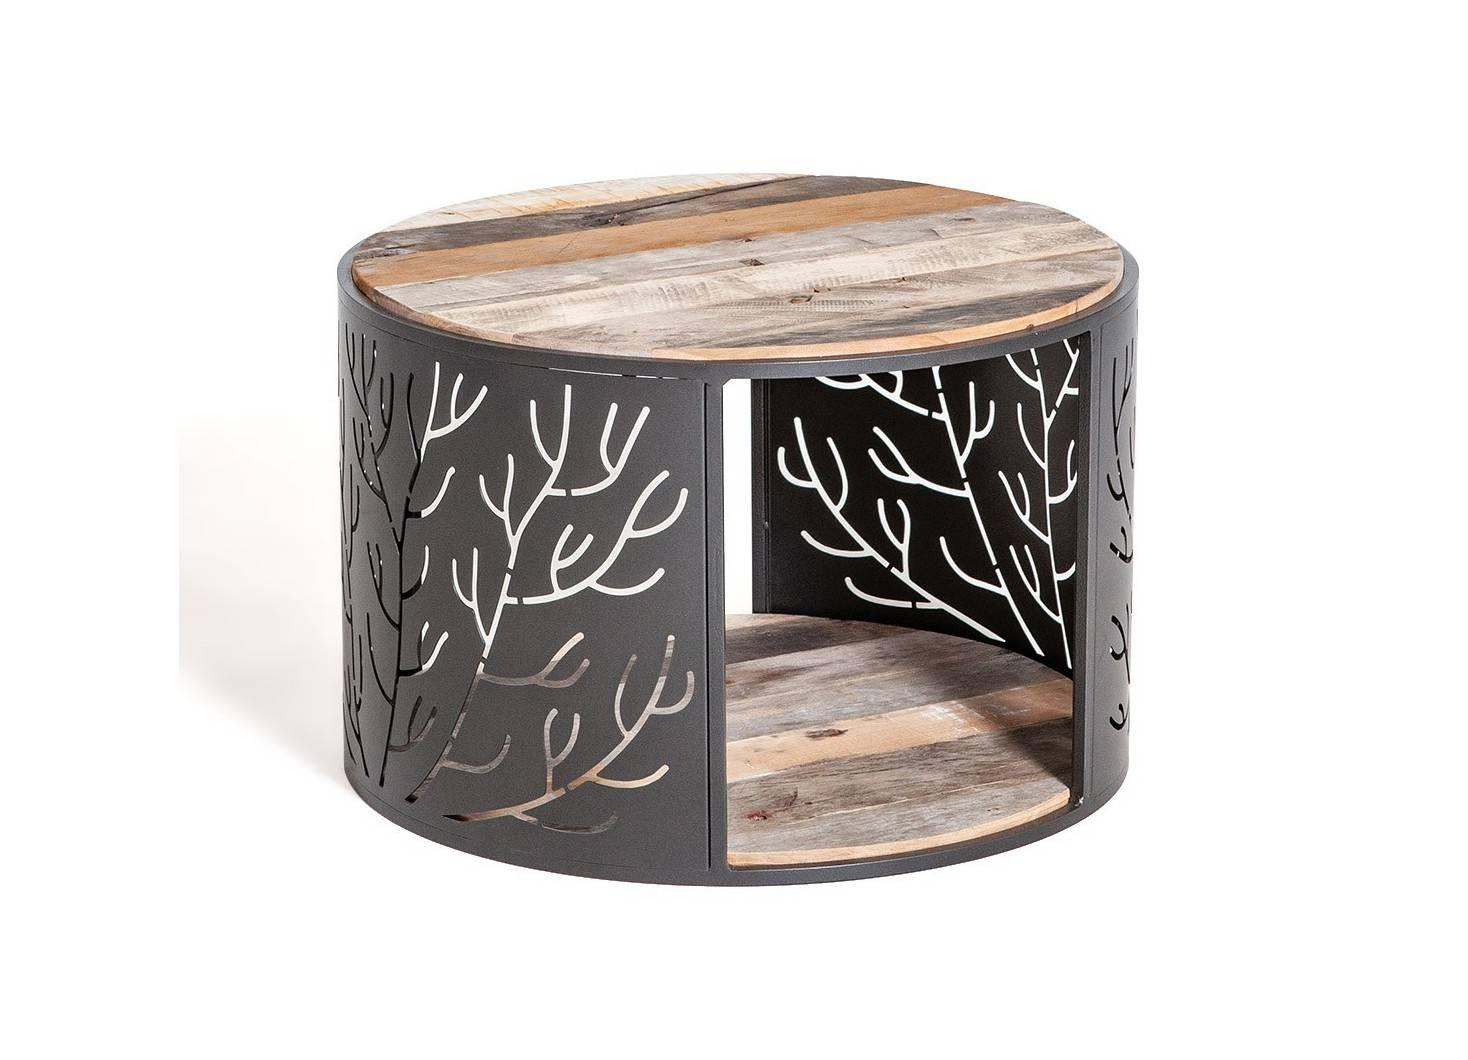 Bout de canapé table basse Coral